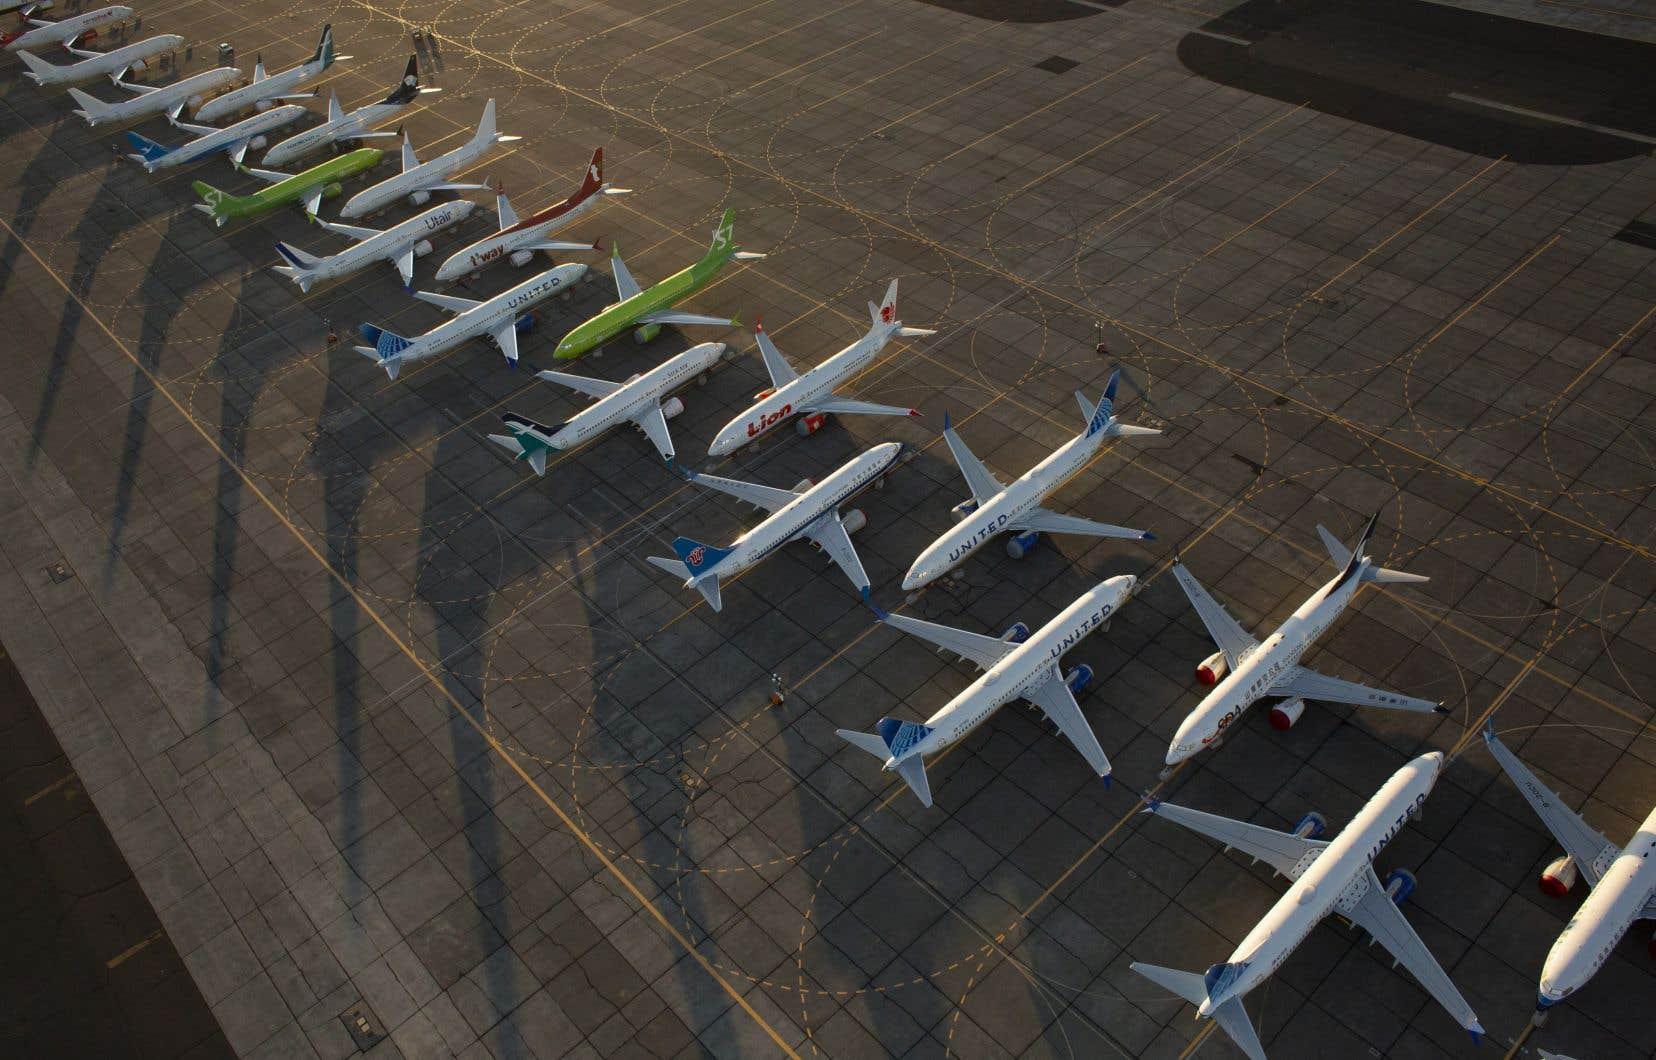 Le 737 MAX représente près de 80% du carnet de commandes de Boeing.